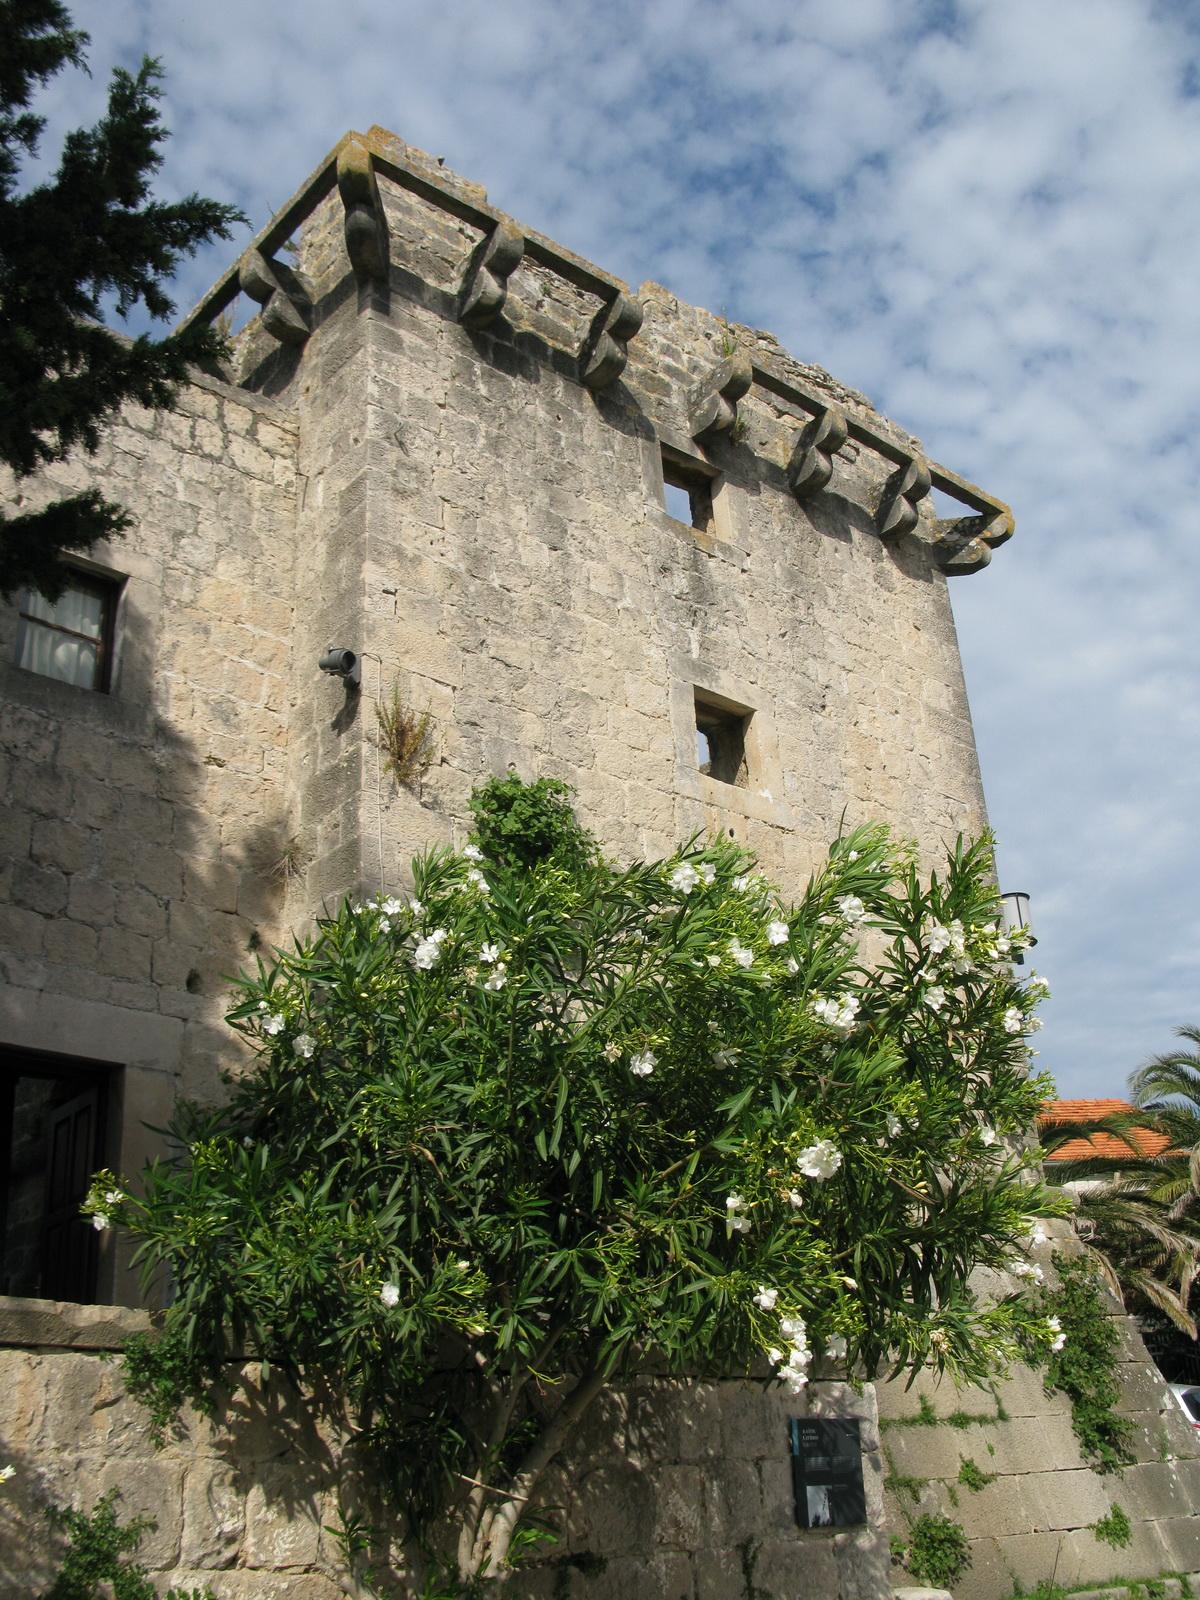 ostrov-brac-muzeum-v-l�kripe-a-klastor-blaca-